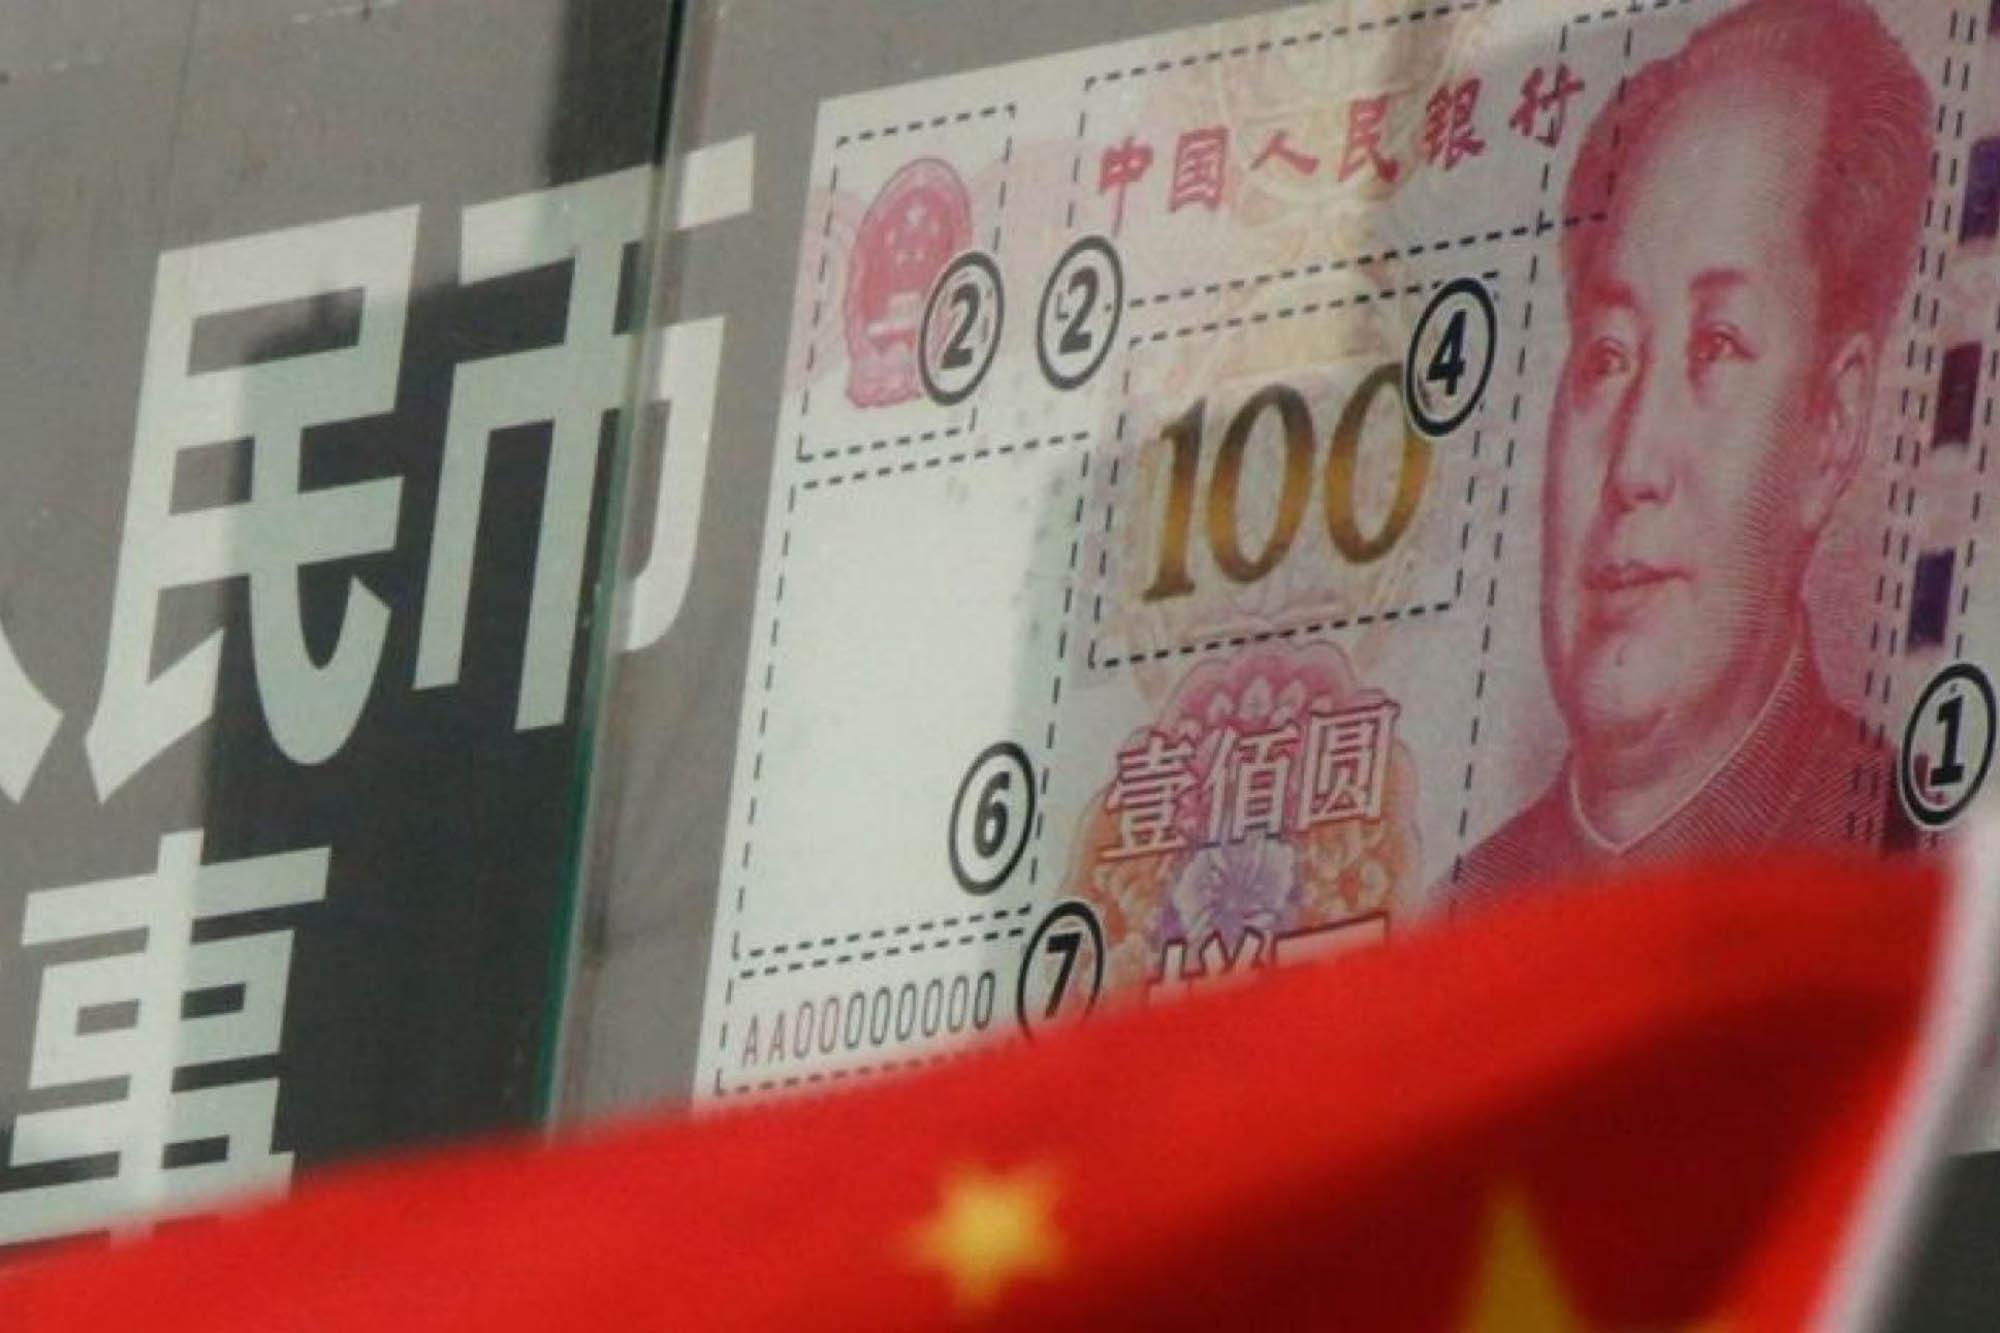 Почему вышеуказанная система КНР находится на низком уровне фото